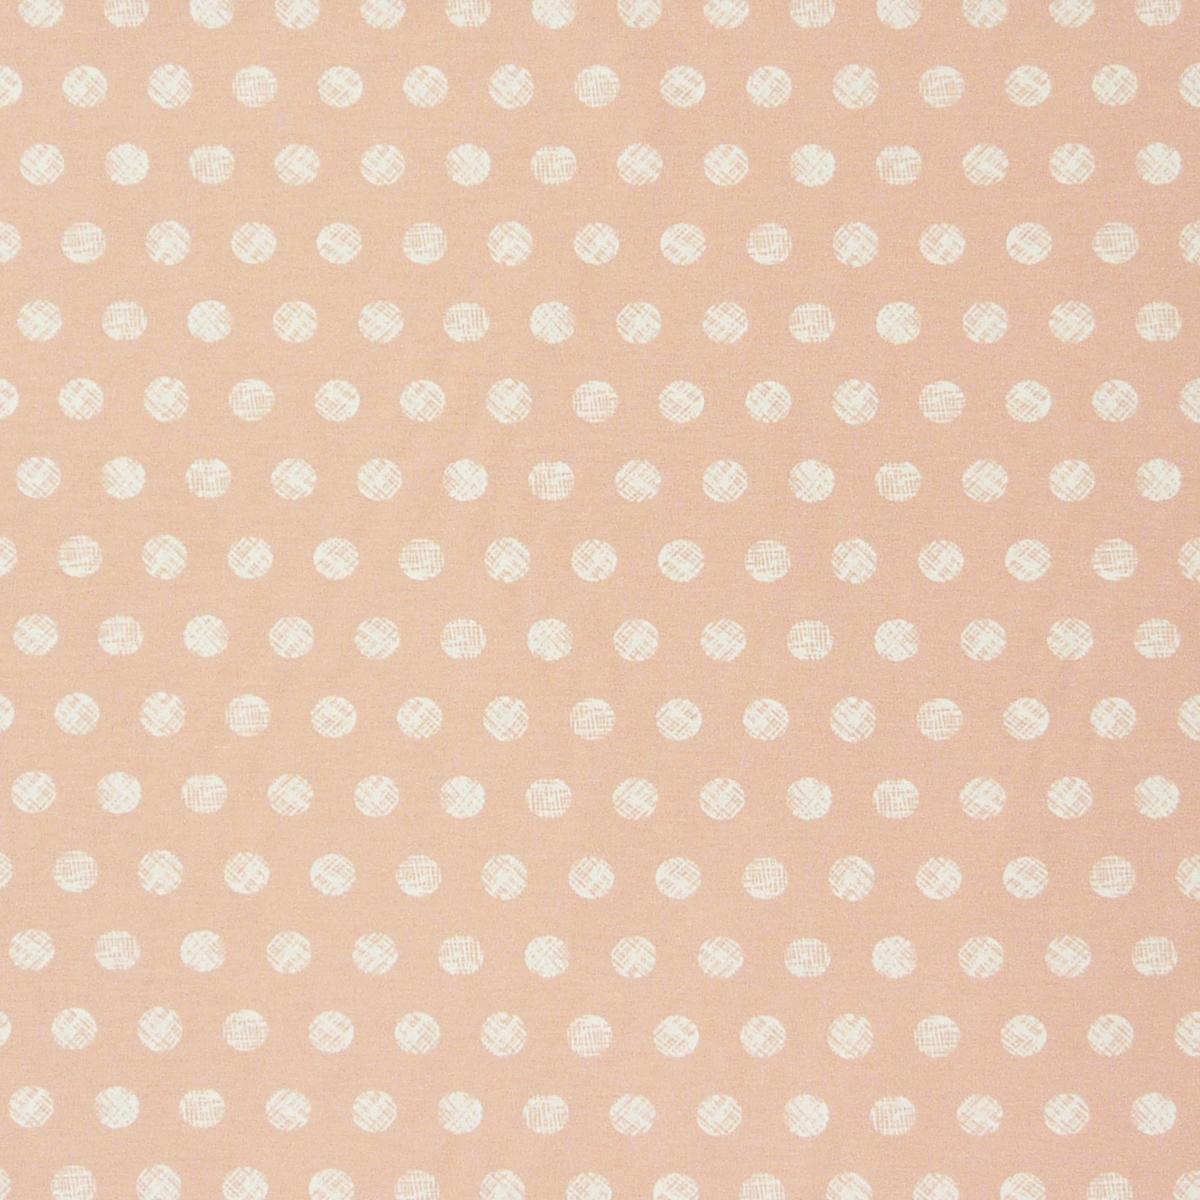 dekostoff gemalte kreise pastell rosa wei gardinenstoffe dekostoffe. Black Bedroom Furniture Sets. Home Design Ideas